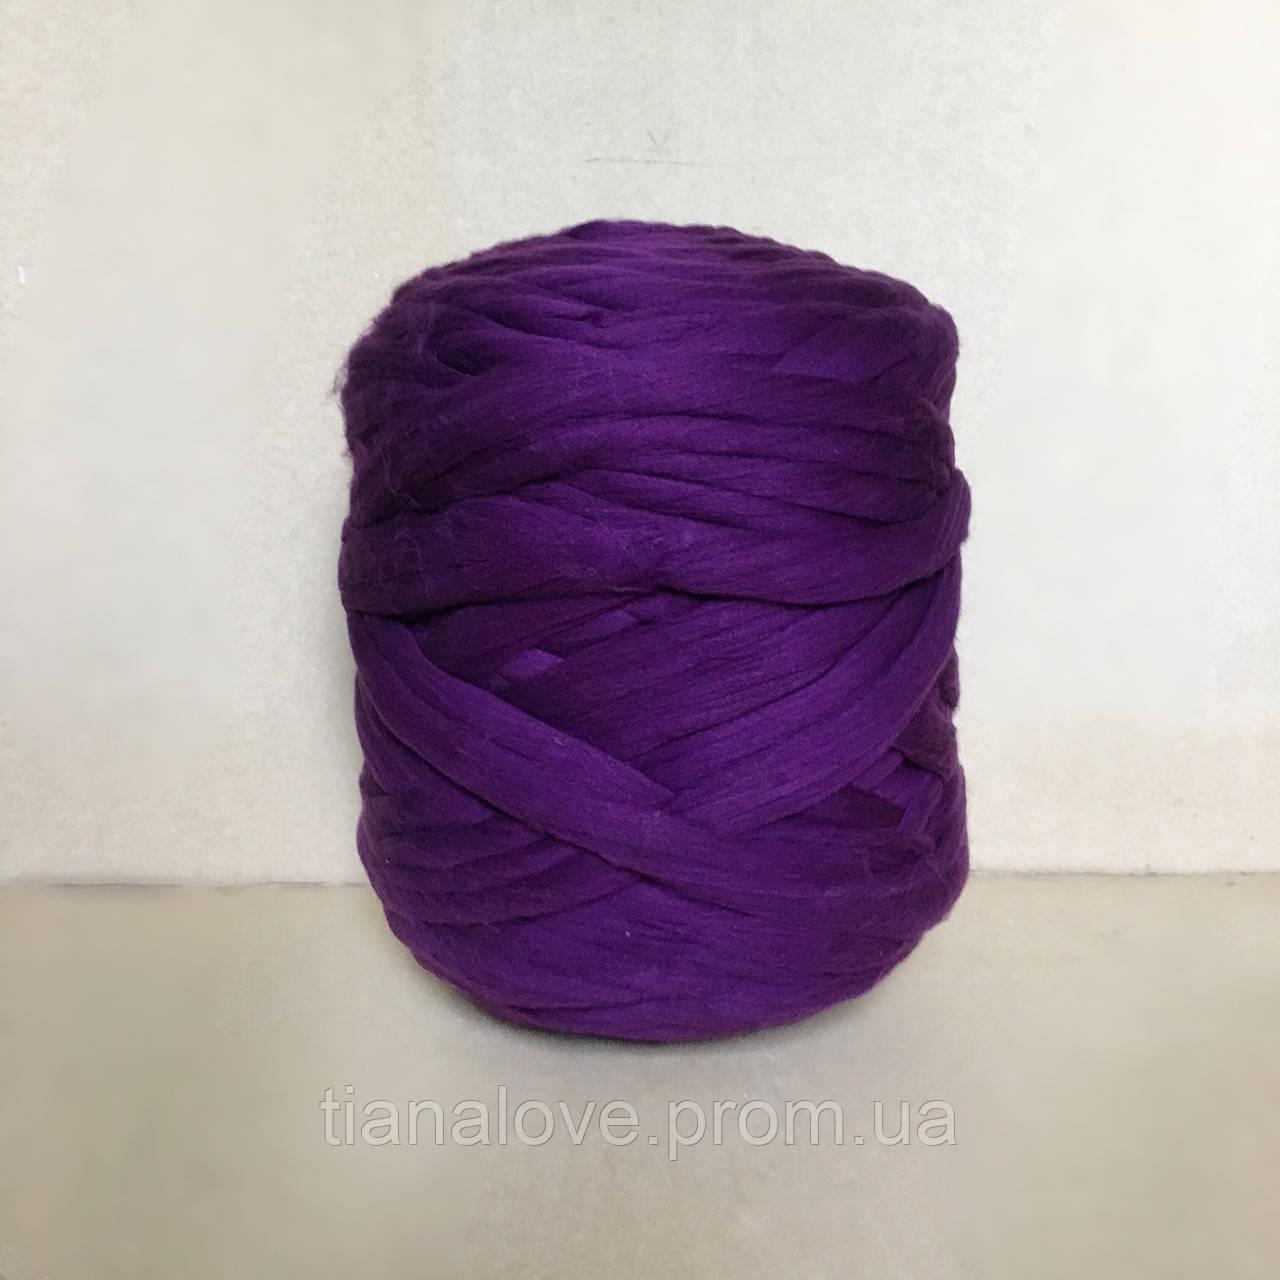 купить толстую пряжу 21 микрон из шерсти мериноса фиолетовый